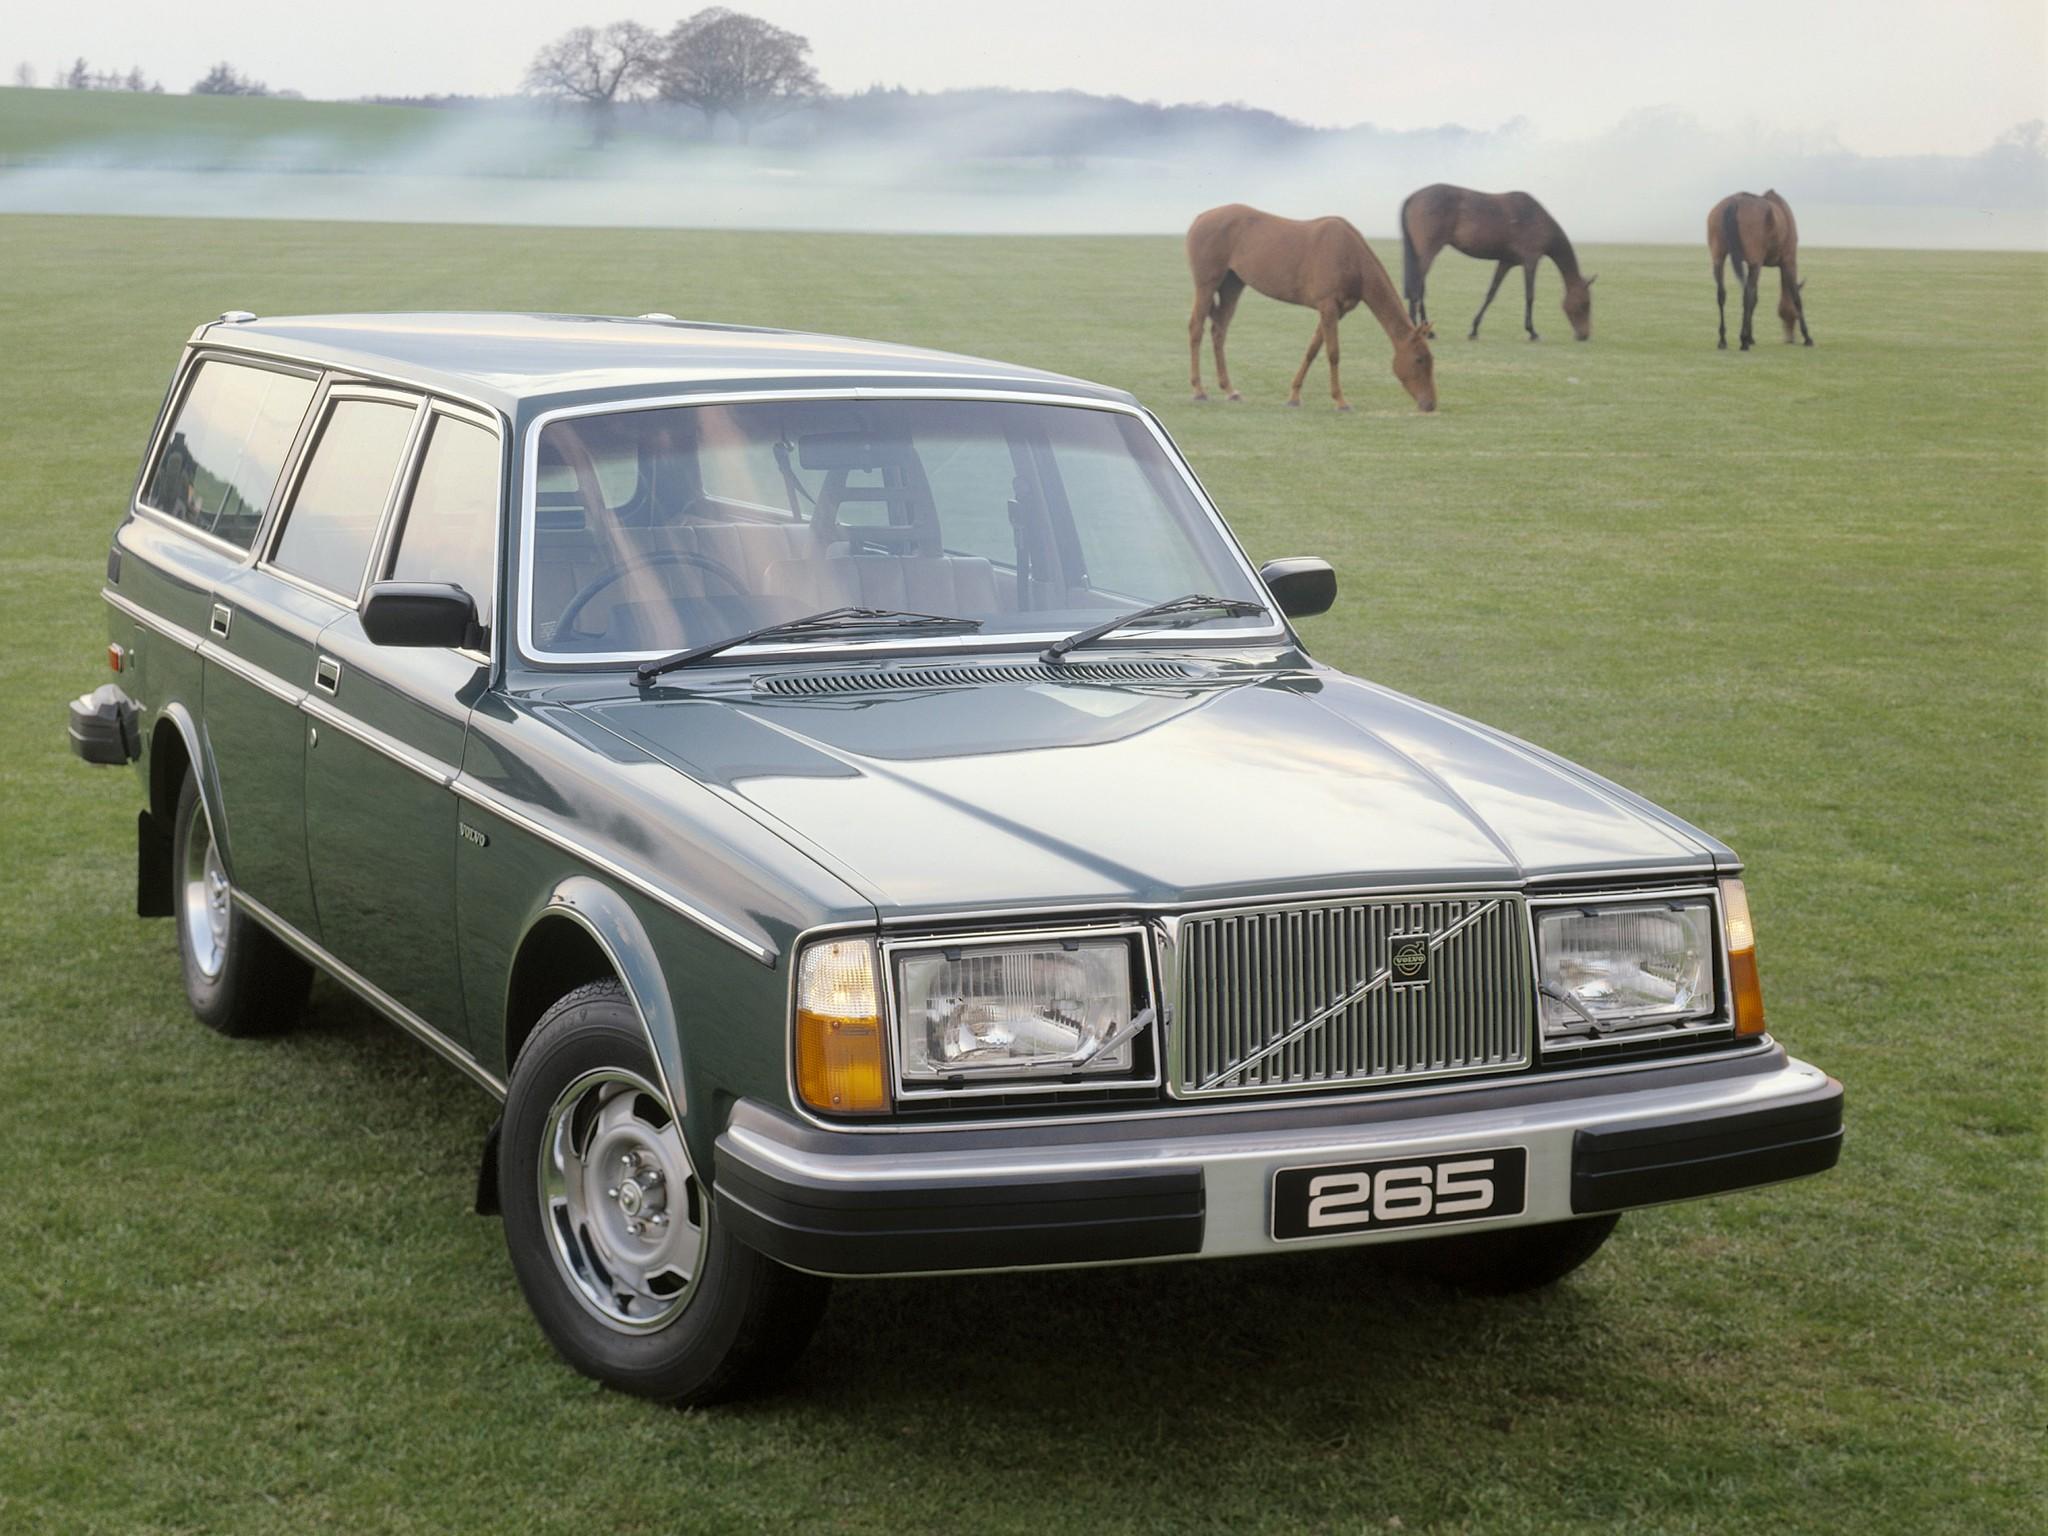 VOLVO 265 specs & photos - 1980, 1981, 1982 - autoevolution